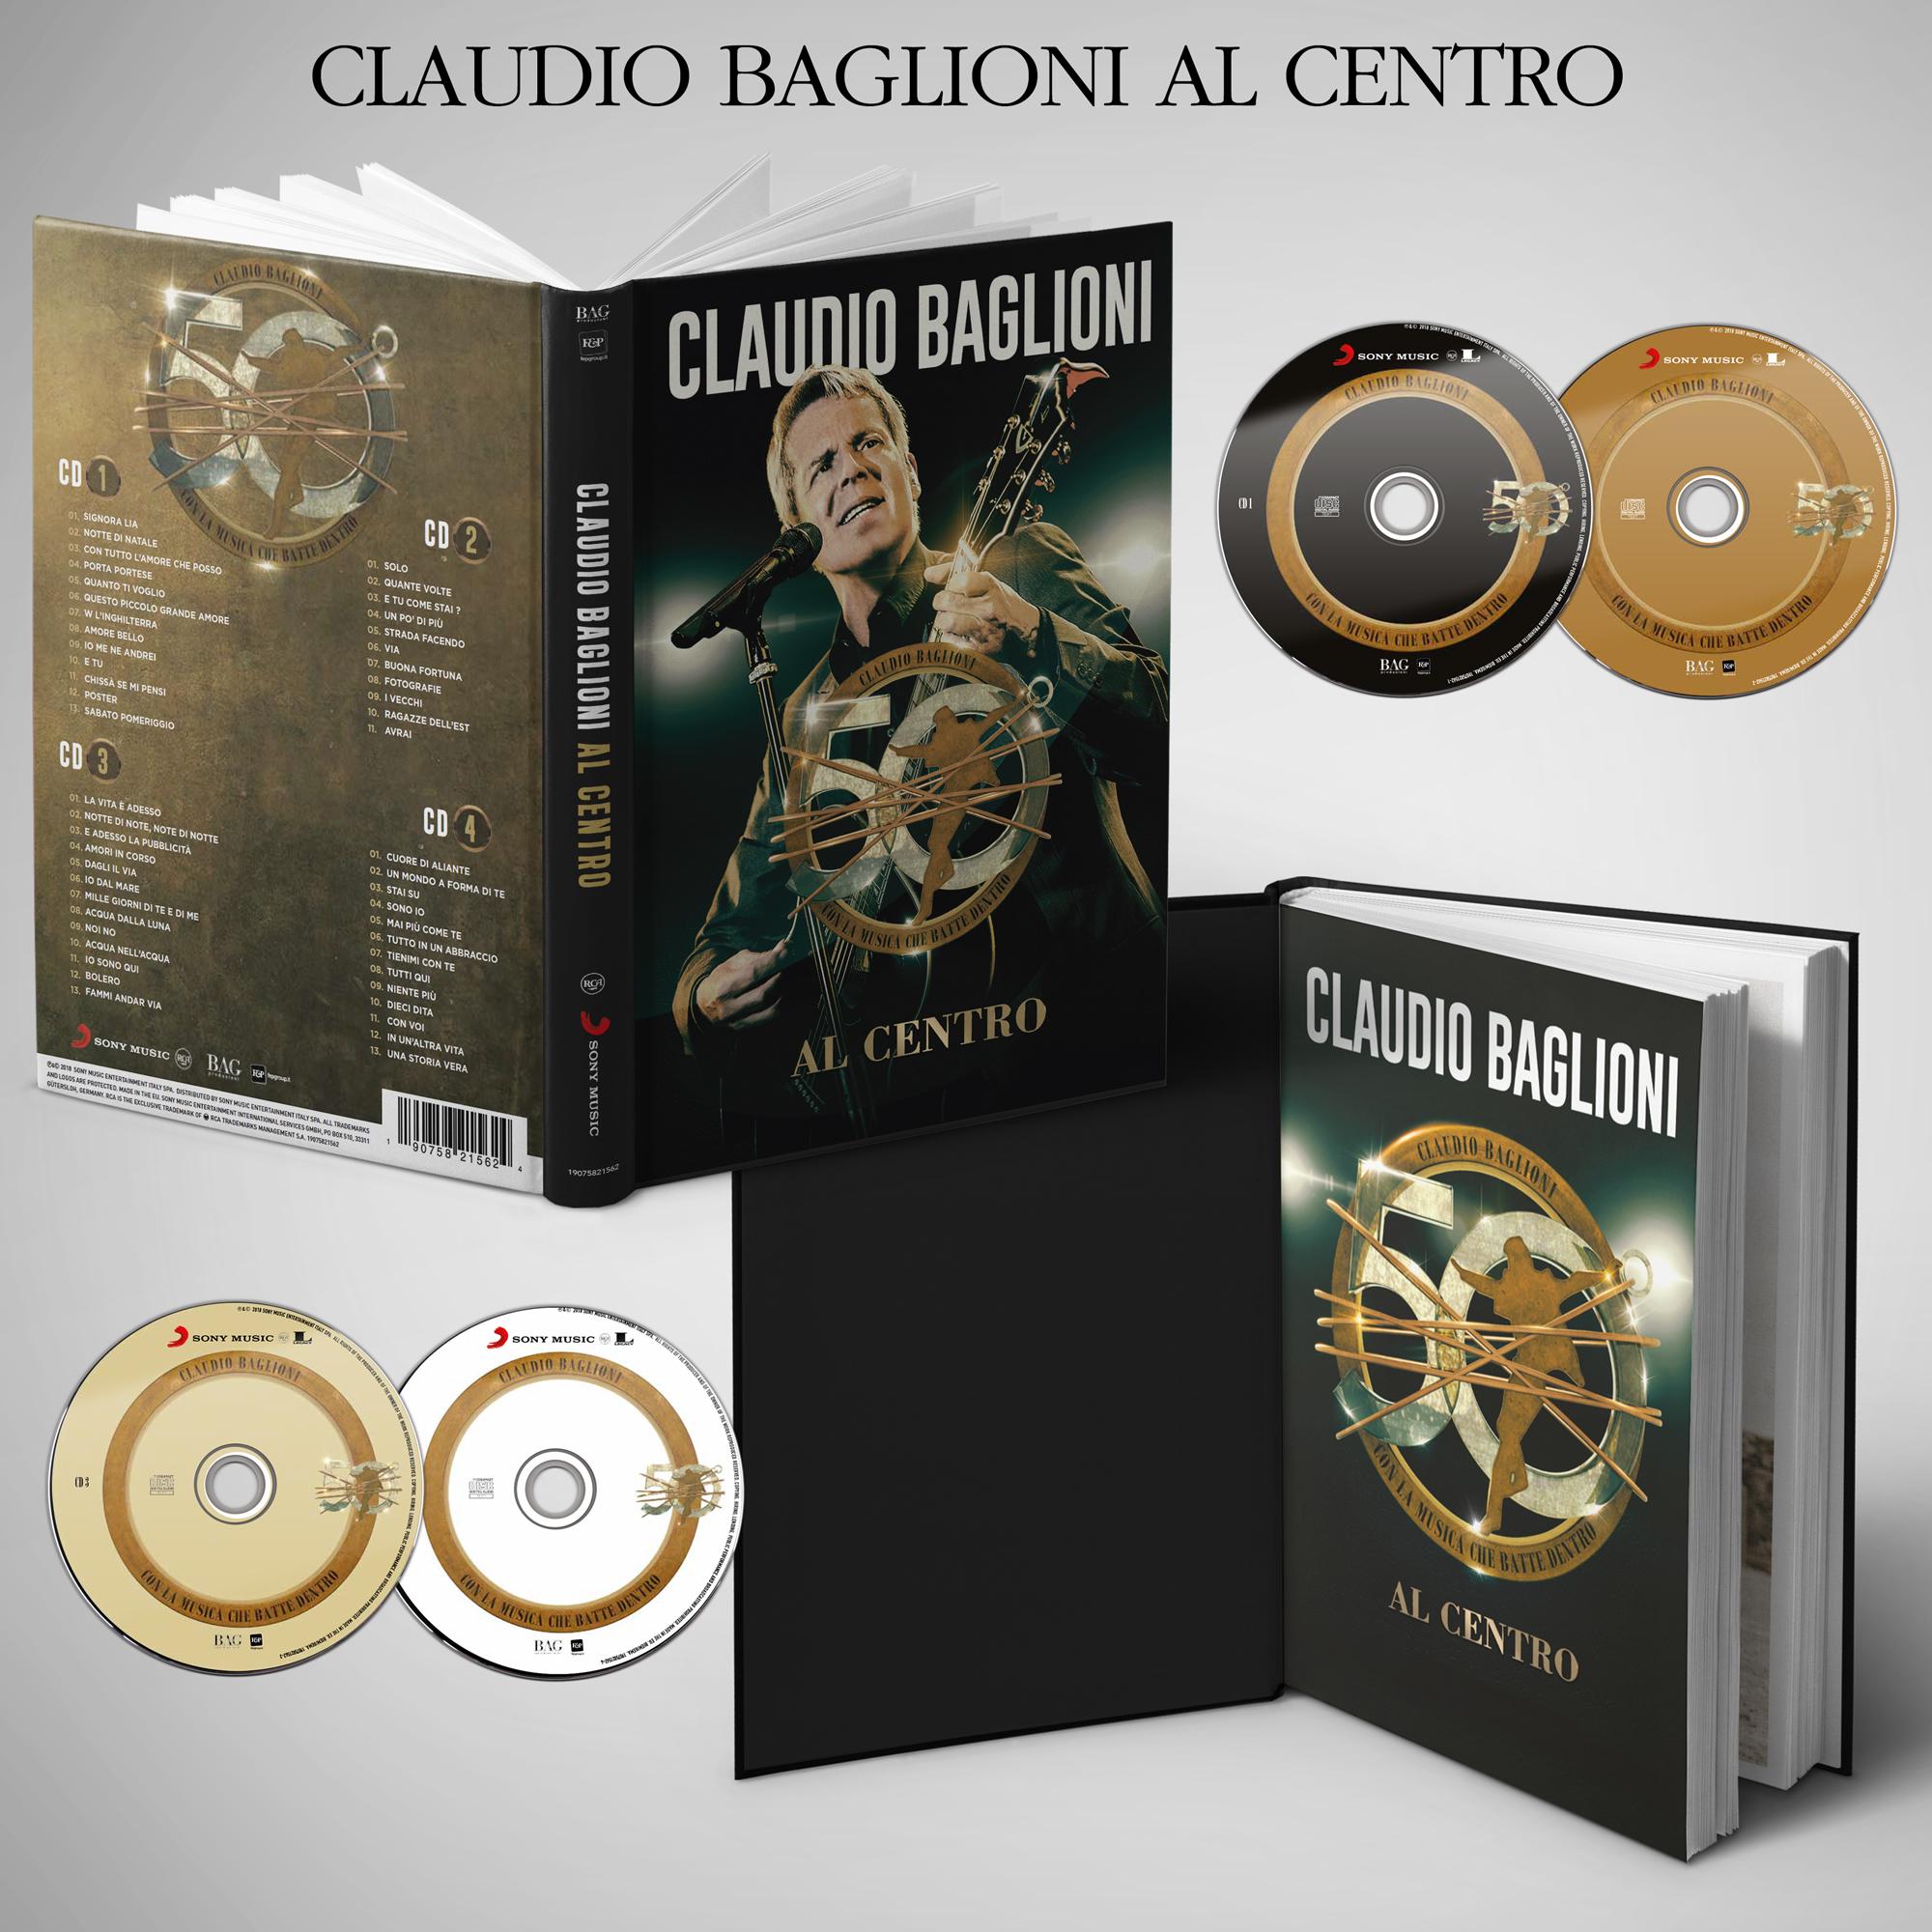 cb confanetto AL CENTRO.jpg